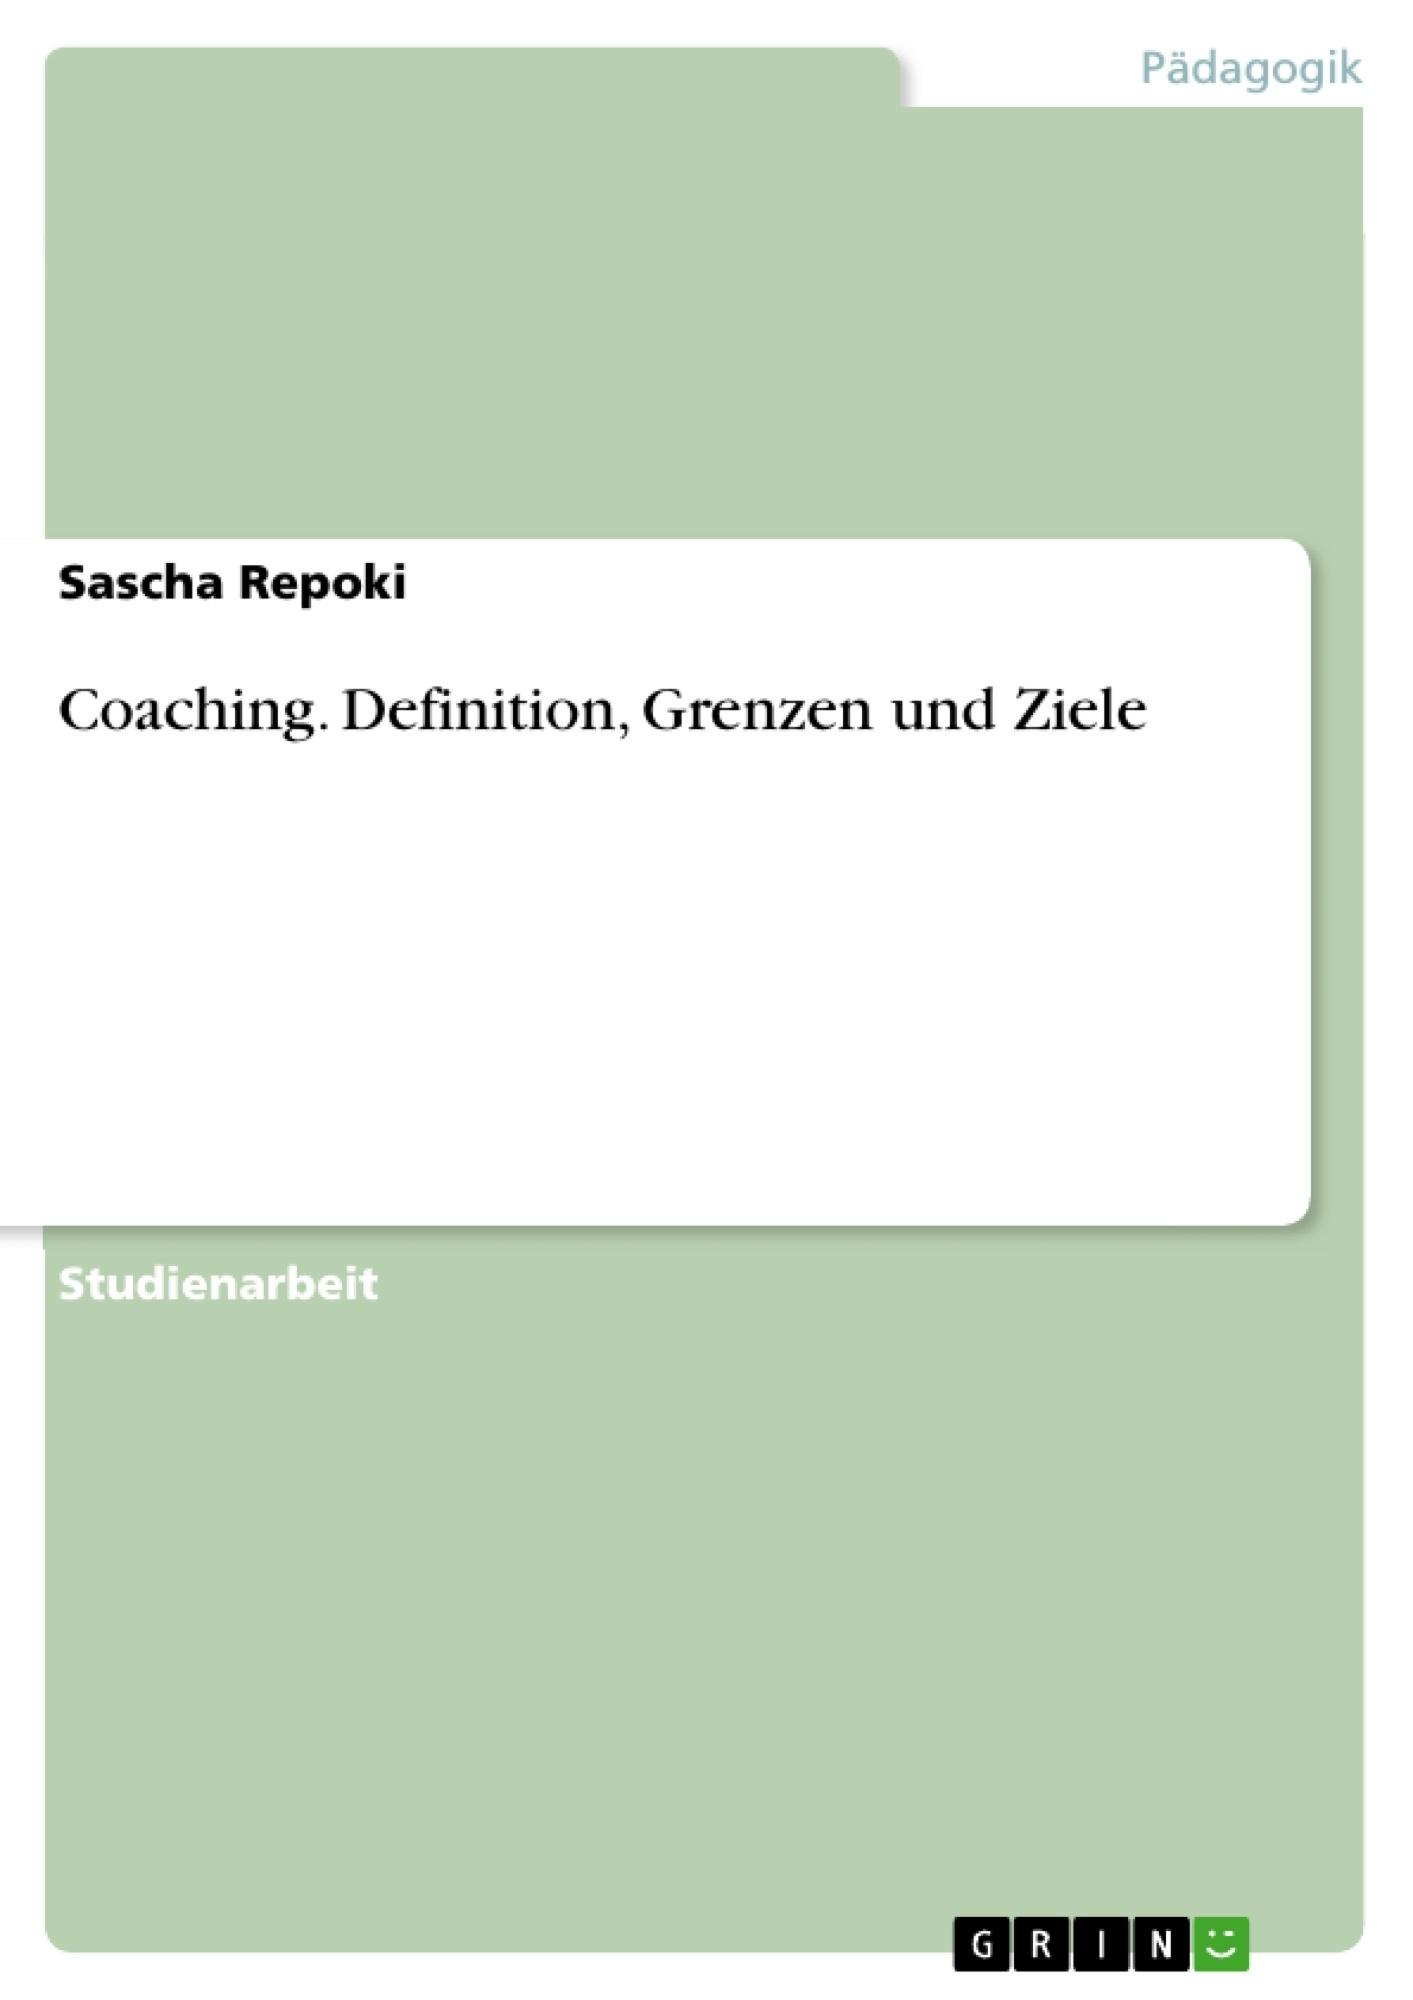 Titel: Coaching. Definition, Grenzen und Ziele